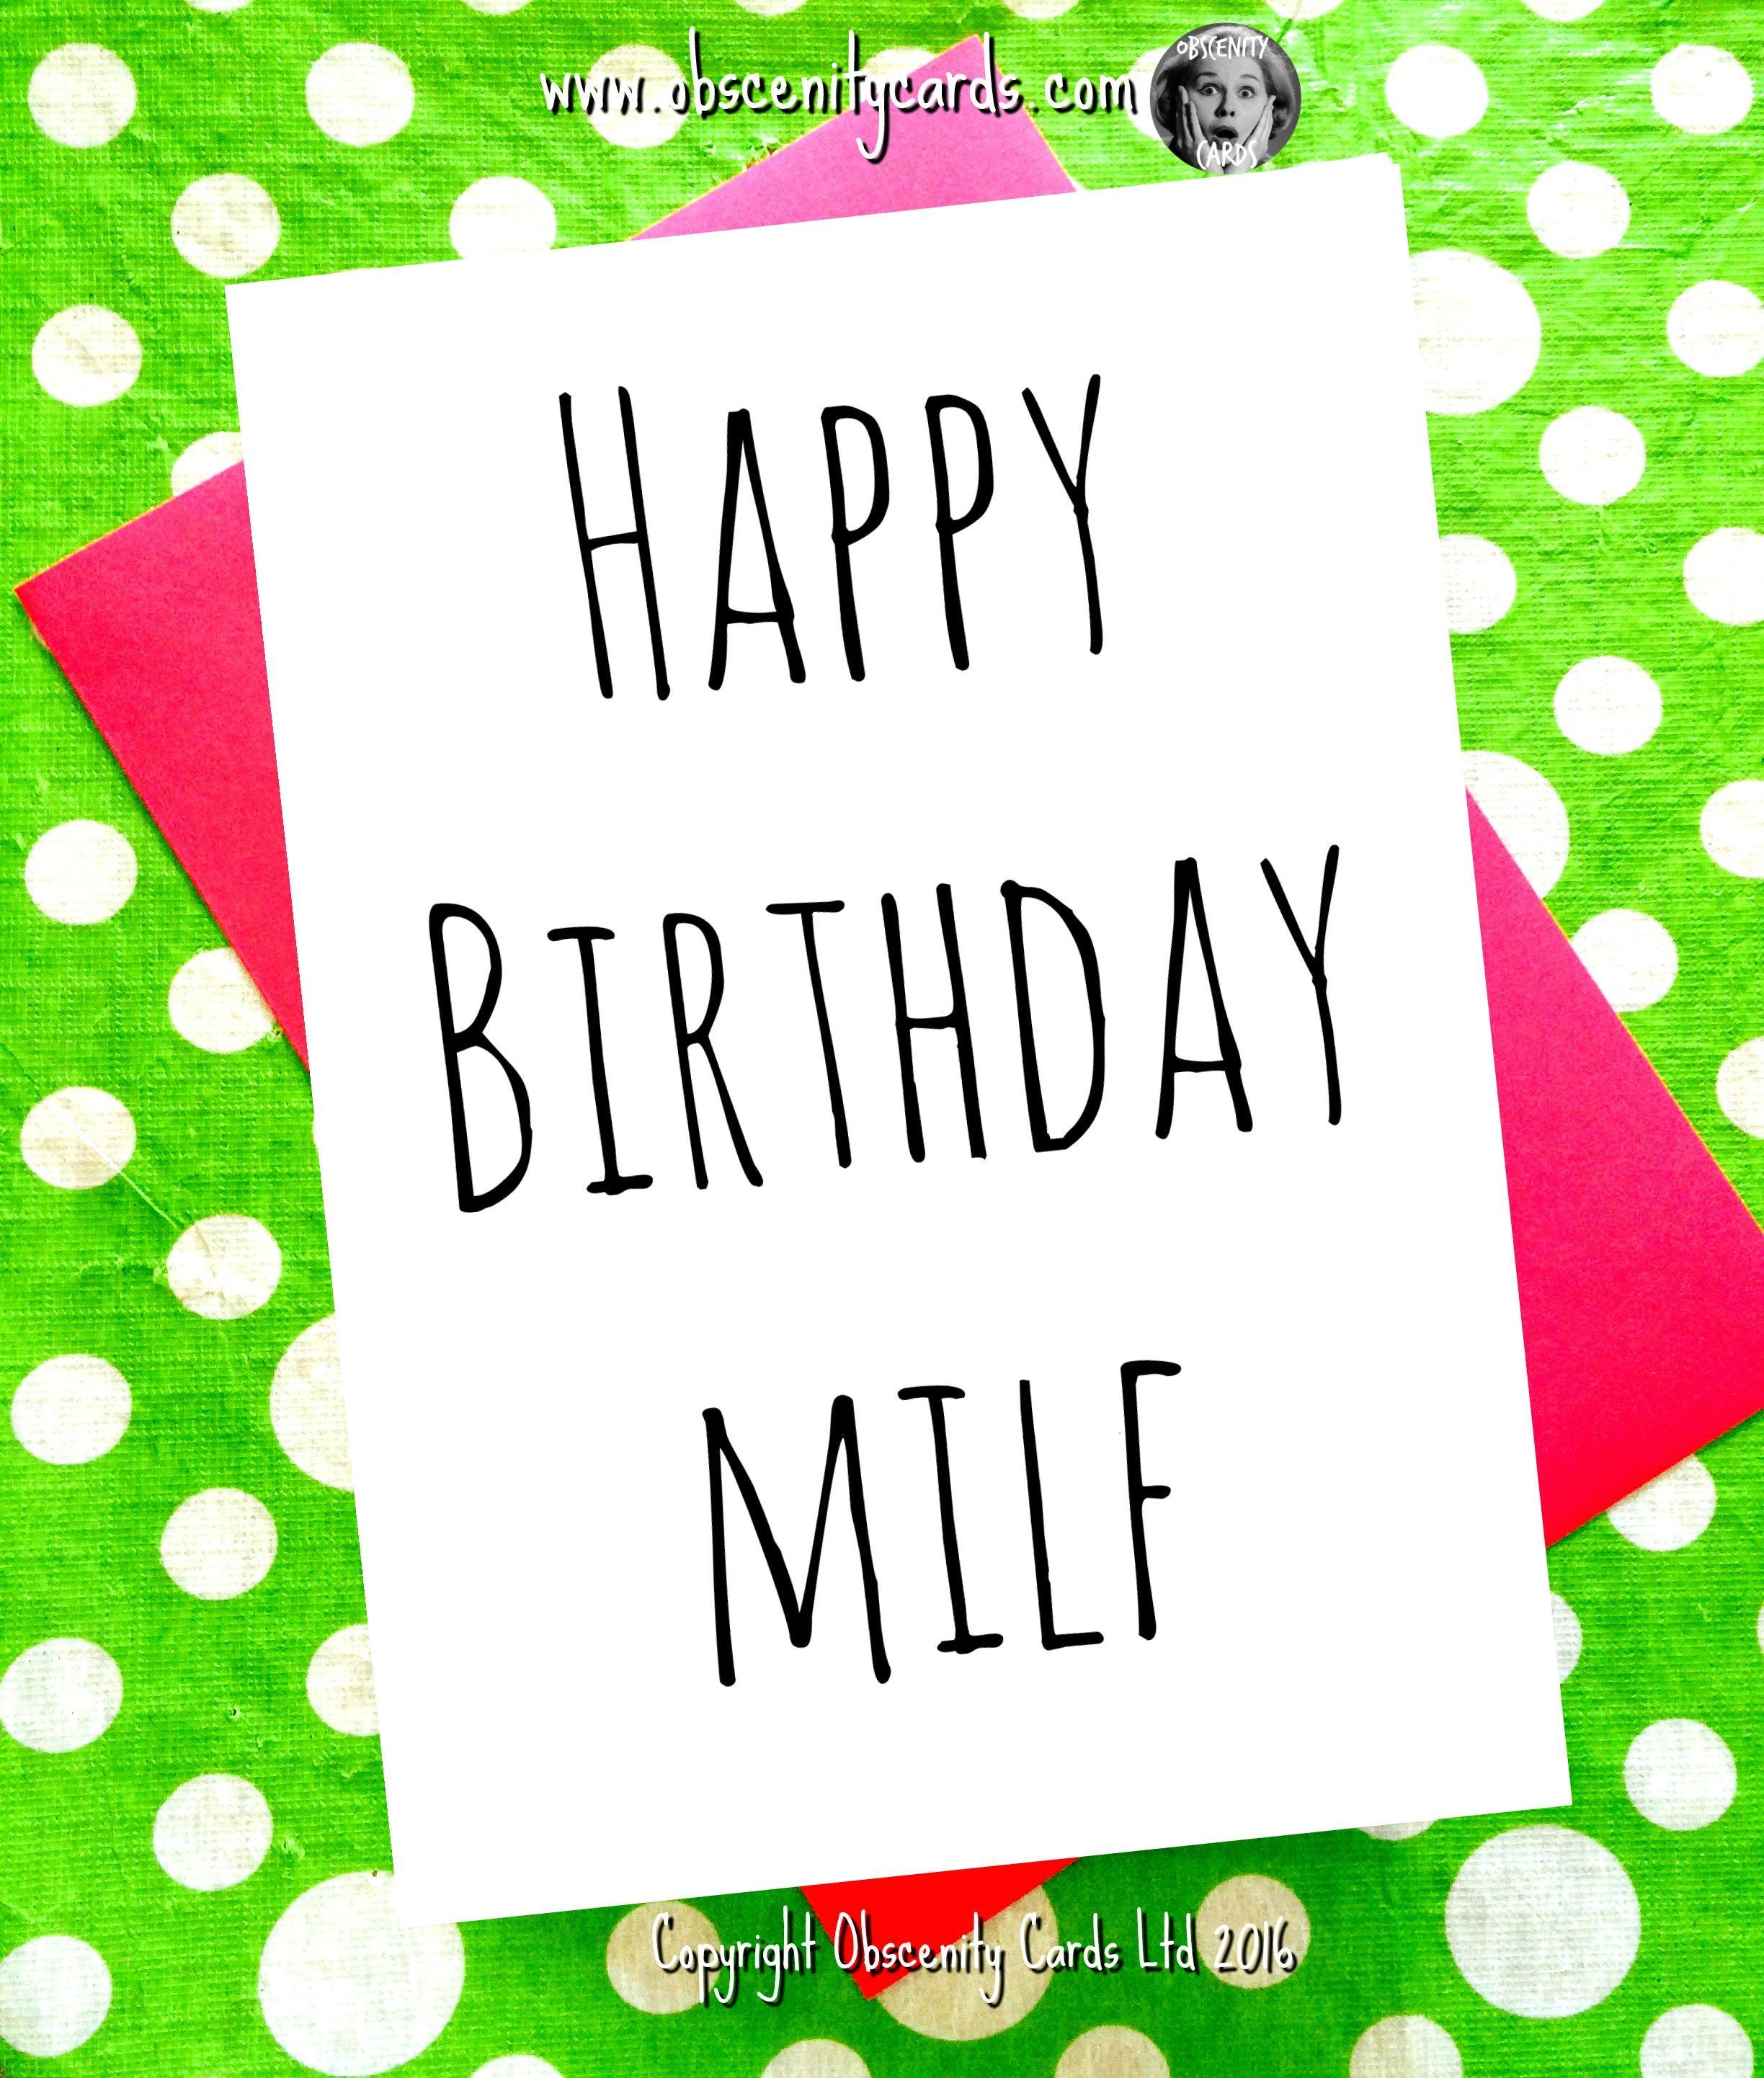 Happy birthday milf